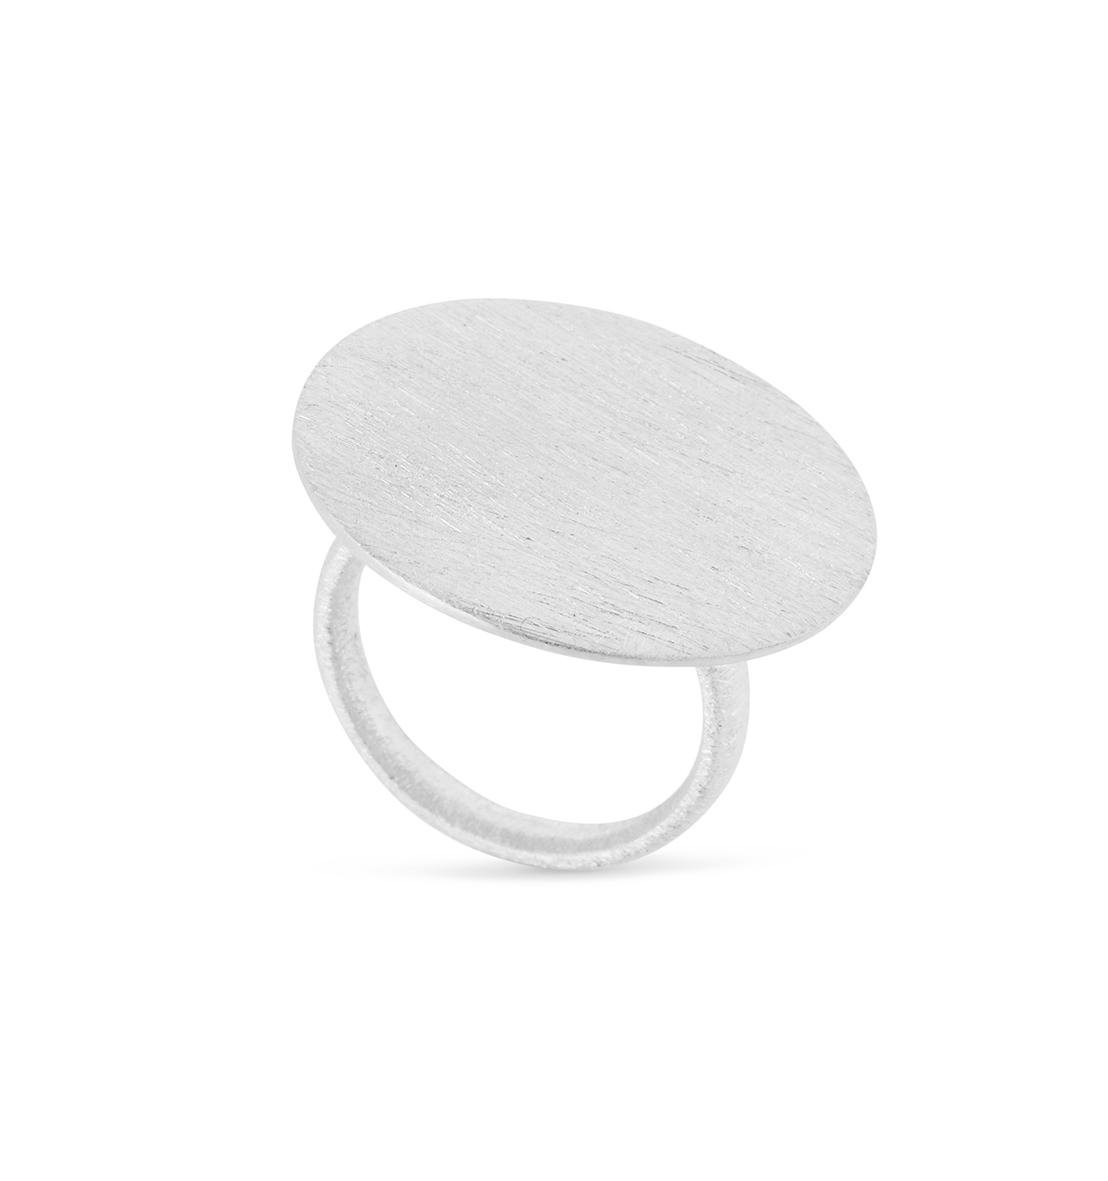 Image of   Sølv ring - 1684-1 Størrelse 54